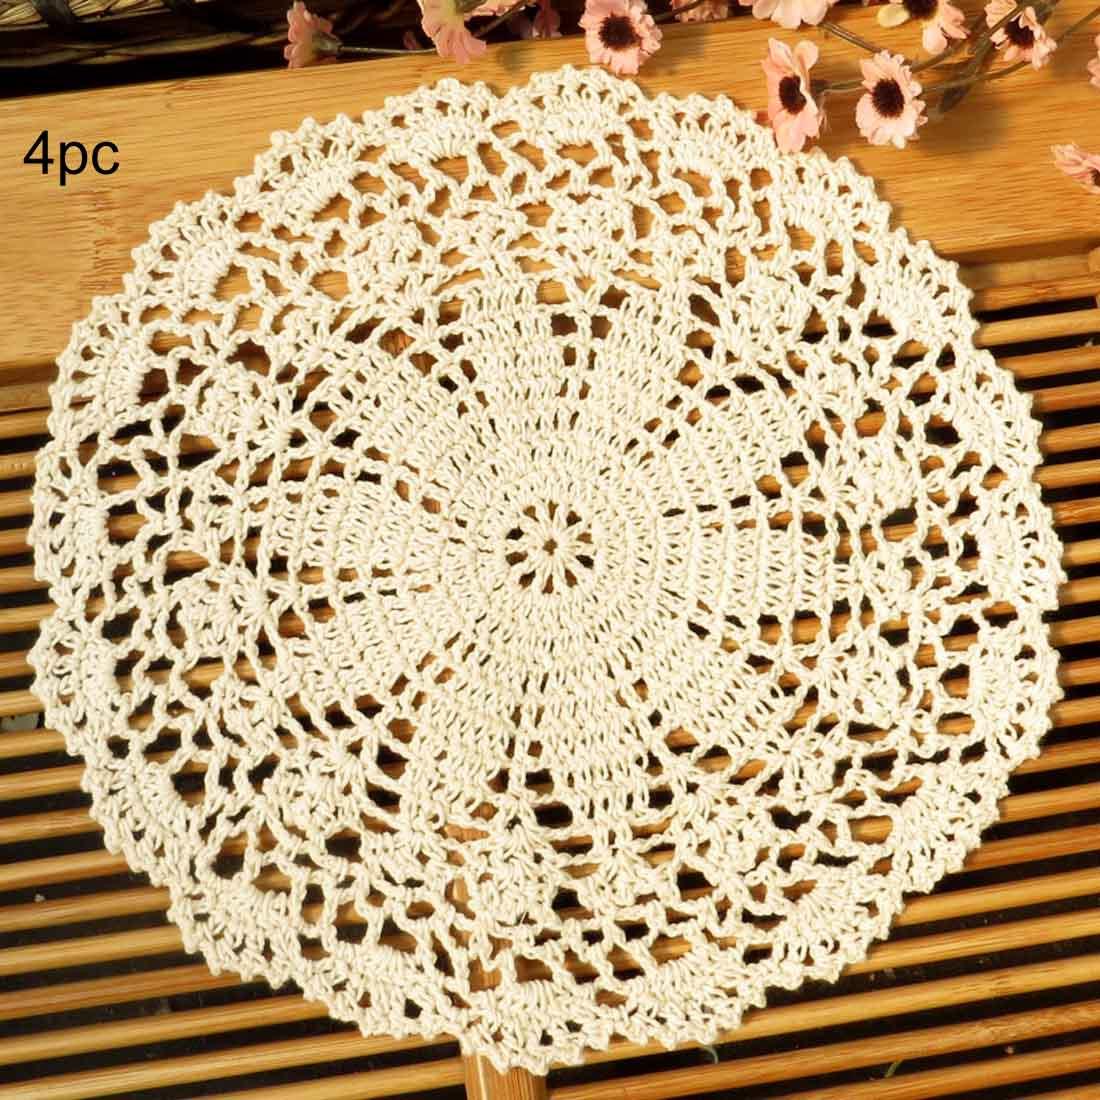 Kilofly Crochet Cotton Lace Table Placemats Doilies Value Pack 4pc